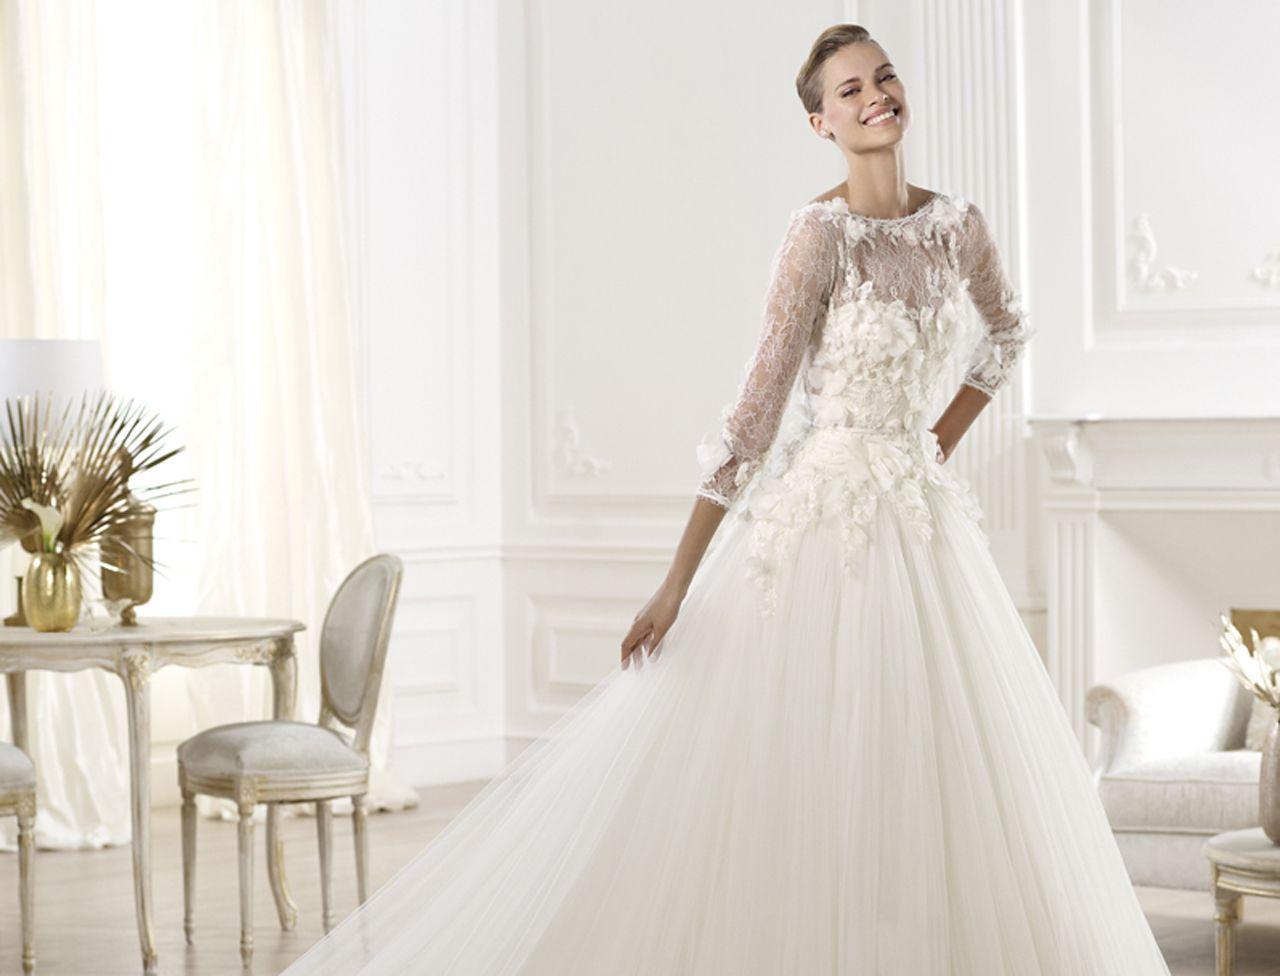 les plus belles robes de mari e collection 2014 searching